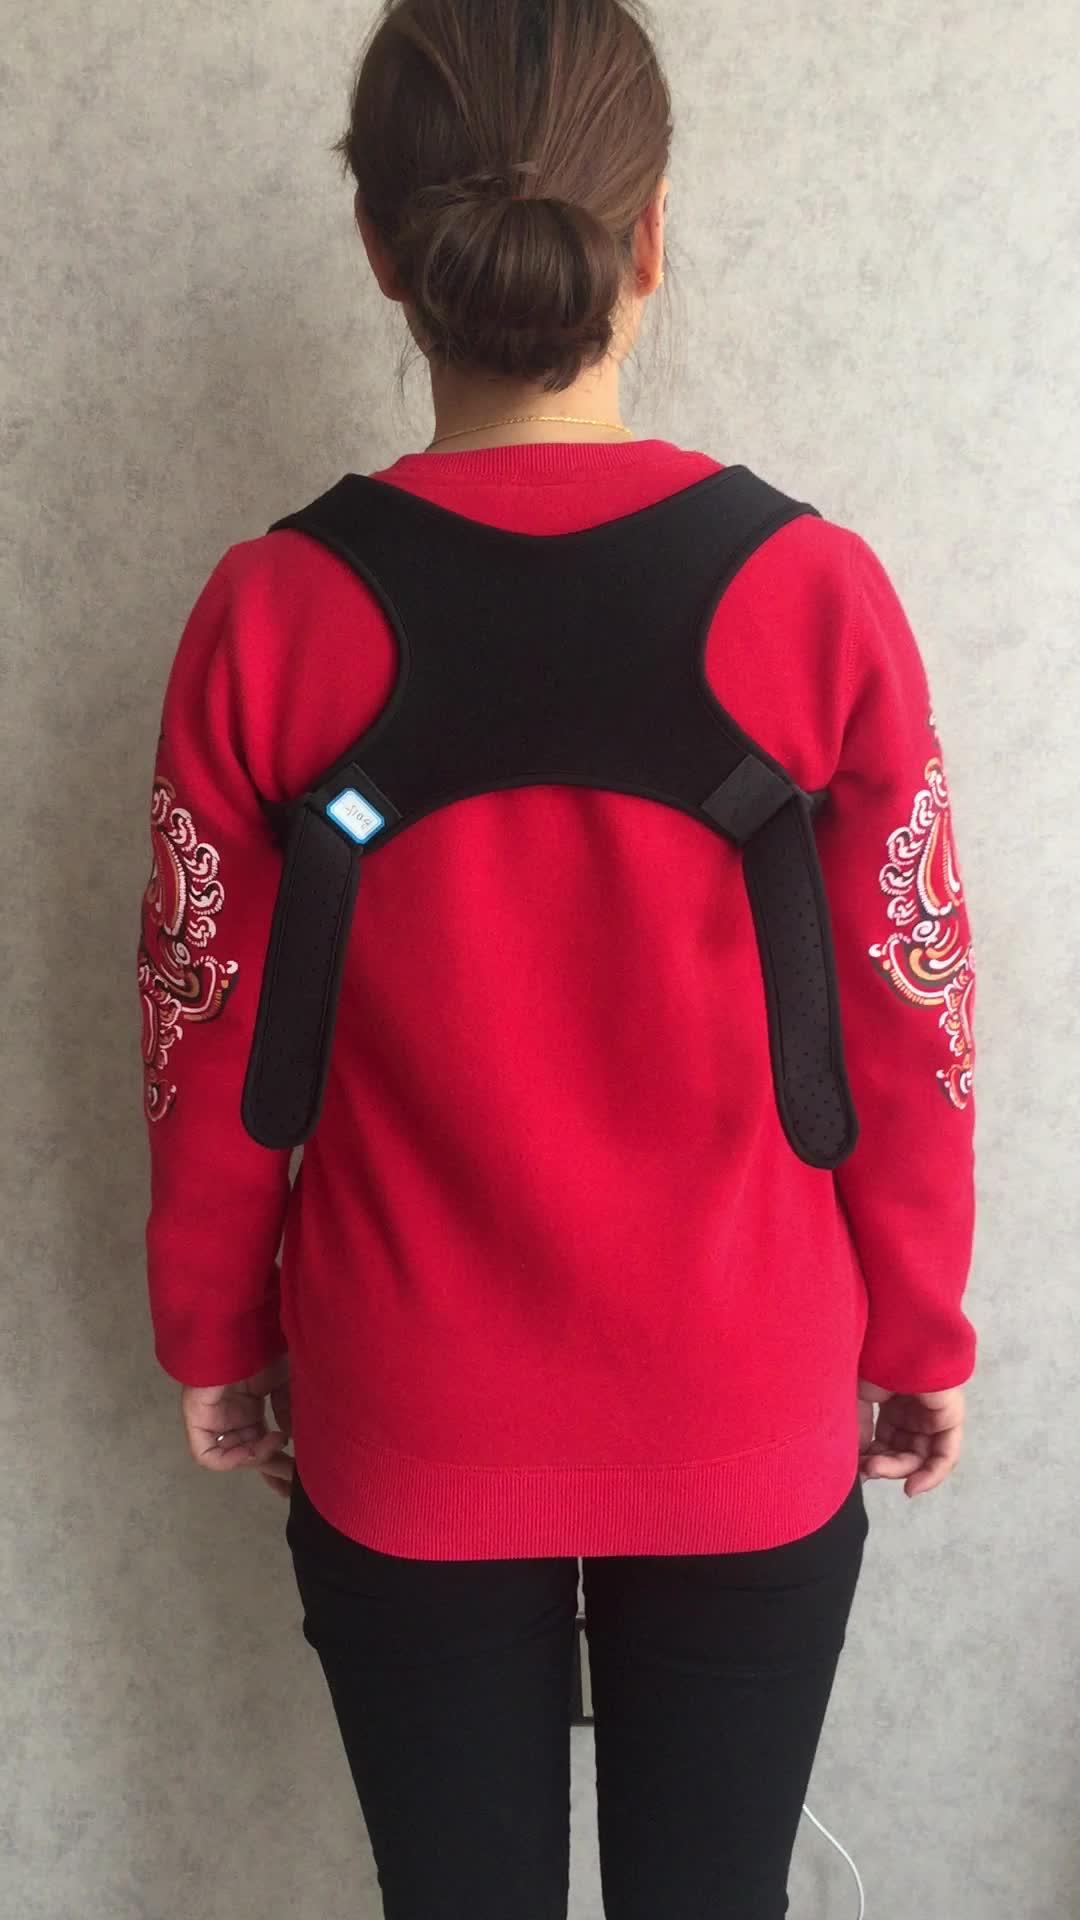 A parte traseira unisex e os ombros apoiam o corrector traseiro magnético da postura para a dor nas costas